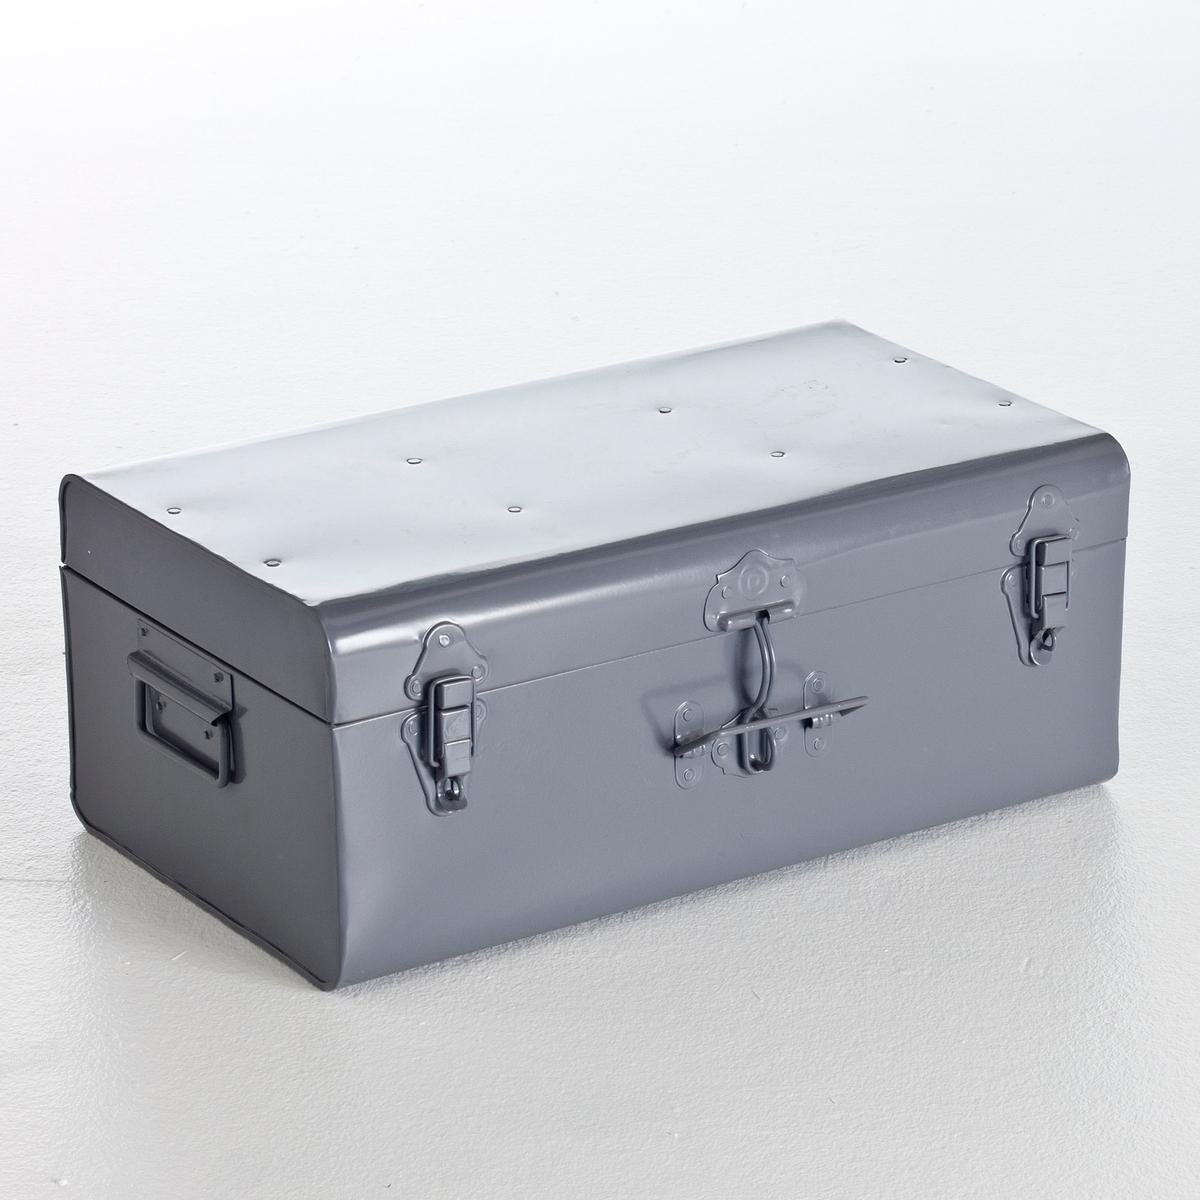 Сундук-чемодан из металла, MasaОписание сундука-чемодана Masa  :3 ручки по бокам : боковая + 1 спереди . 2 застежки-защелки и 1 застежка с запорным устройством по центру . Характеристики сундука-чемодана Masa :Из металла, покрытого яркой эпоксидной краской сверху . Найдите другие модели коллекции Masa на нашем сайте .Размеры сундука-чемодана Masa :Ширина : 49 см Высота : 19 см.Глубина : 30 смРазмеры с упаковкой :1 упаковка56 x 28 x 35 см .<br><br>Цвет: серый,черный<br>Размер: единый размер